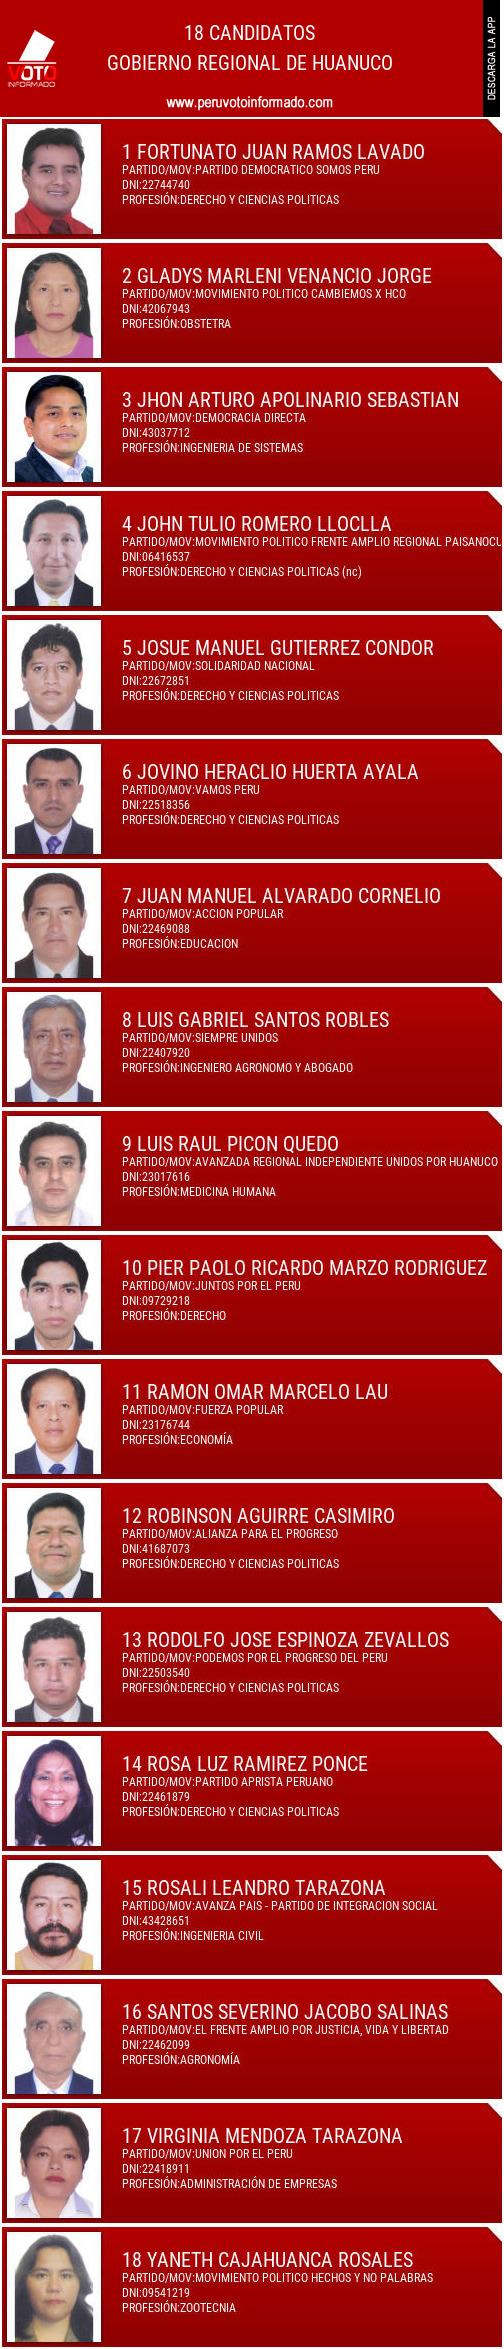 Gobierno regional de HUANUCO